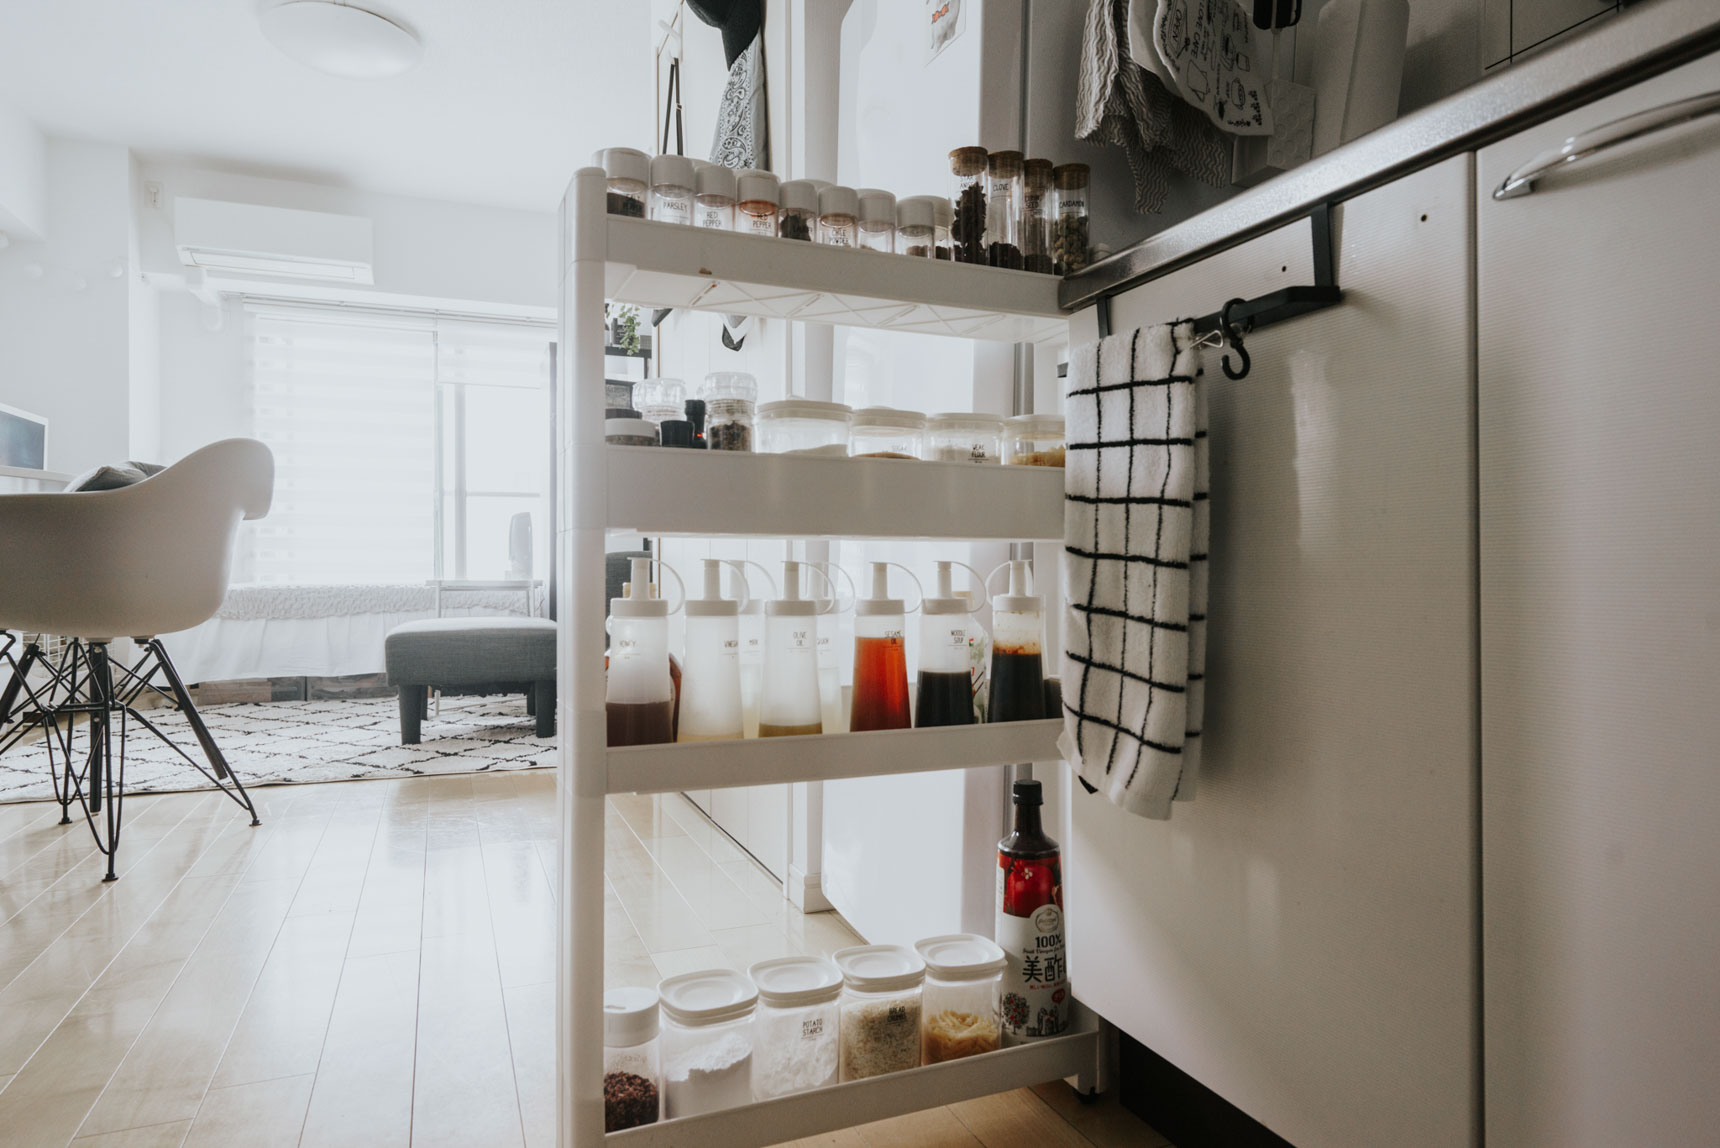 ニトリの「スマートワゴン」は幅が10.5cmから選べ、シンプルなホワイトなのでインテリアの邪魔をせずキッチンの収納力を大幅に増やせます。エスニック料理が好きな4ka*さんの部屋では、たくさんの調味料を収納するのに活用(このお部屋はこちら)